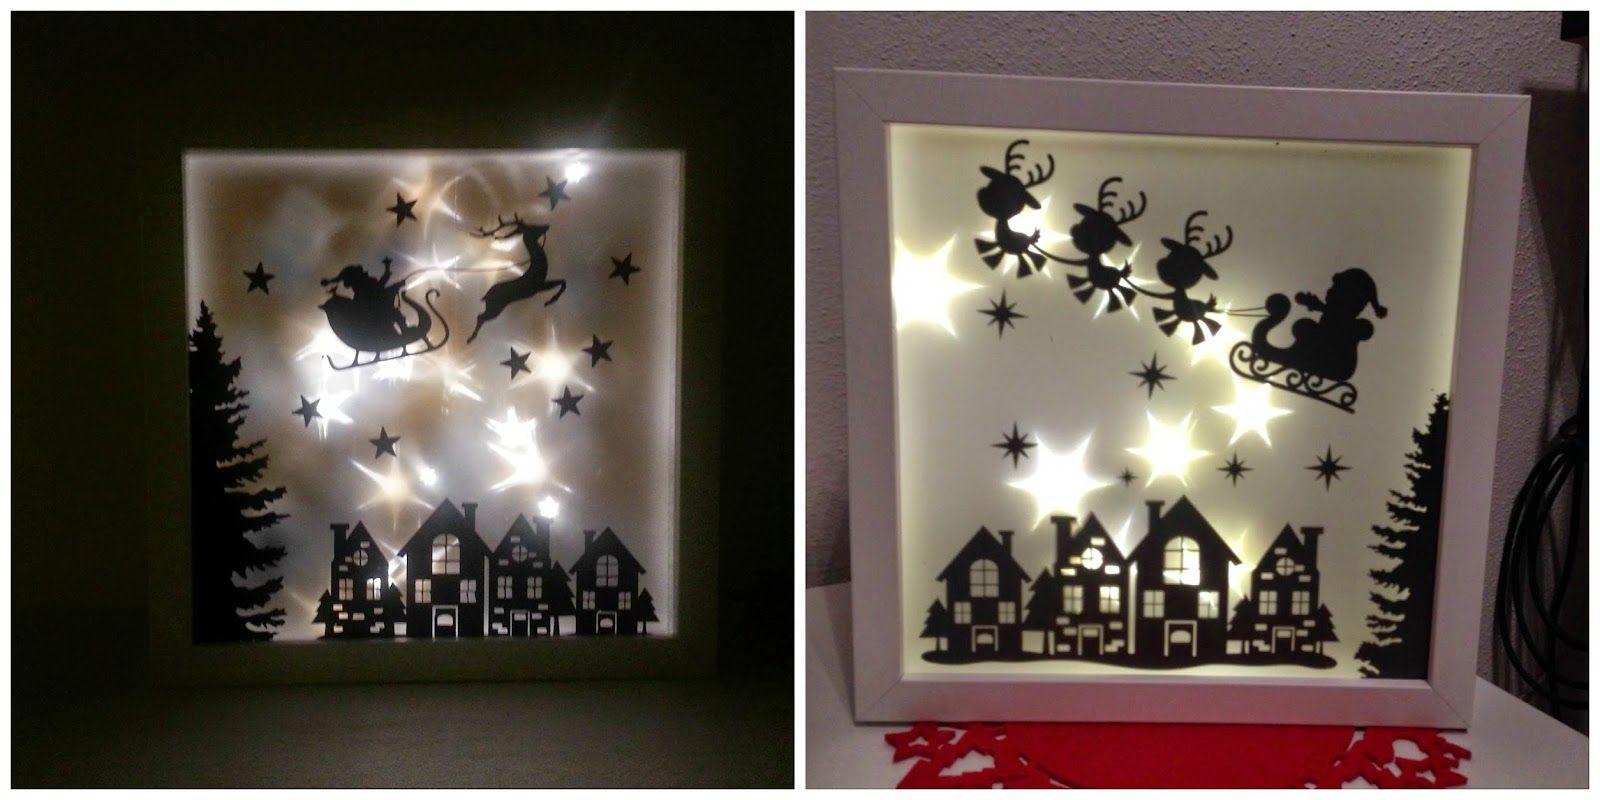 mutterskind weihnachtsgeschenke ribba rahmen. Black Bedroom Furniture Sets. Home Design Ideas